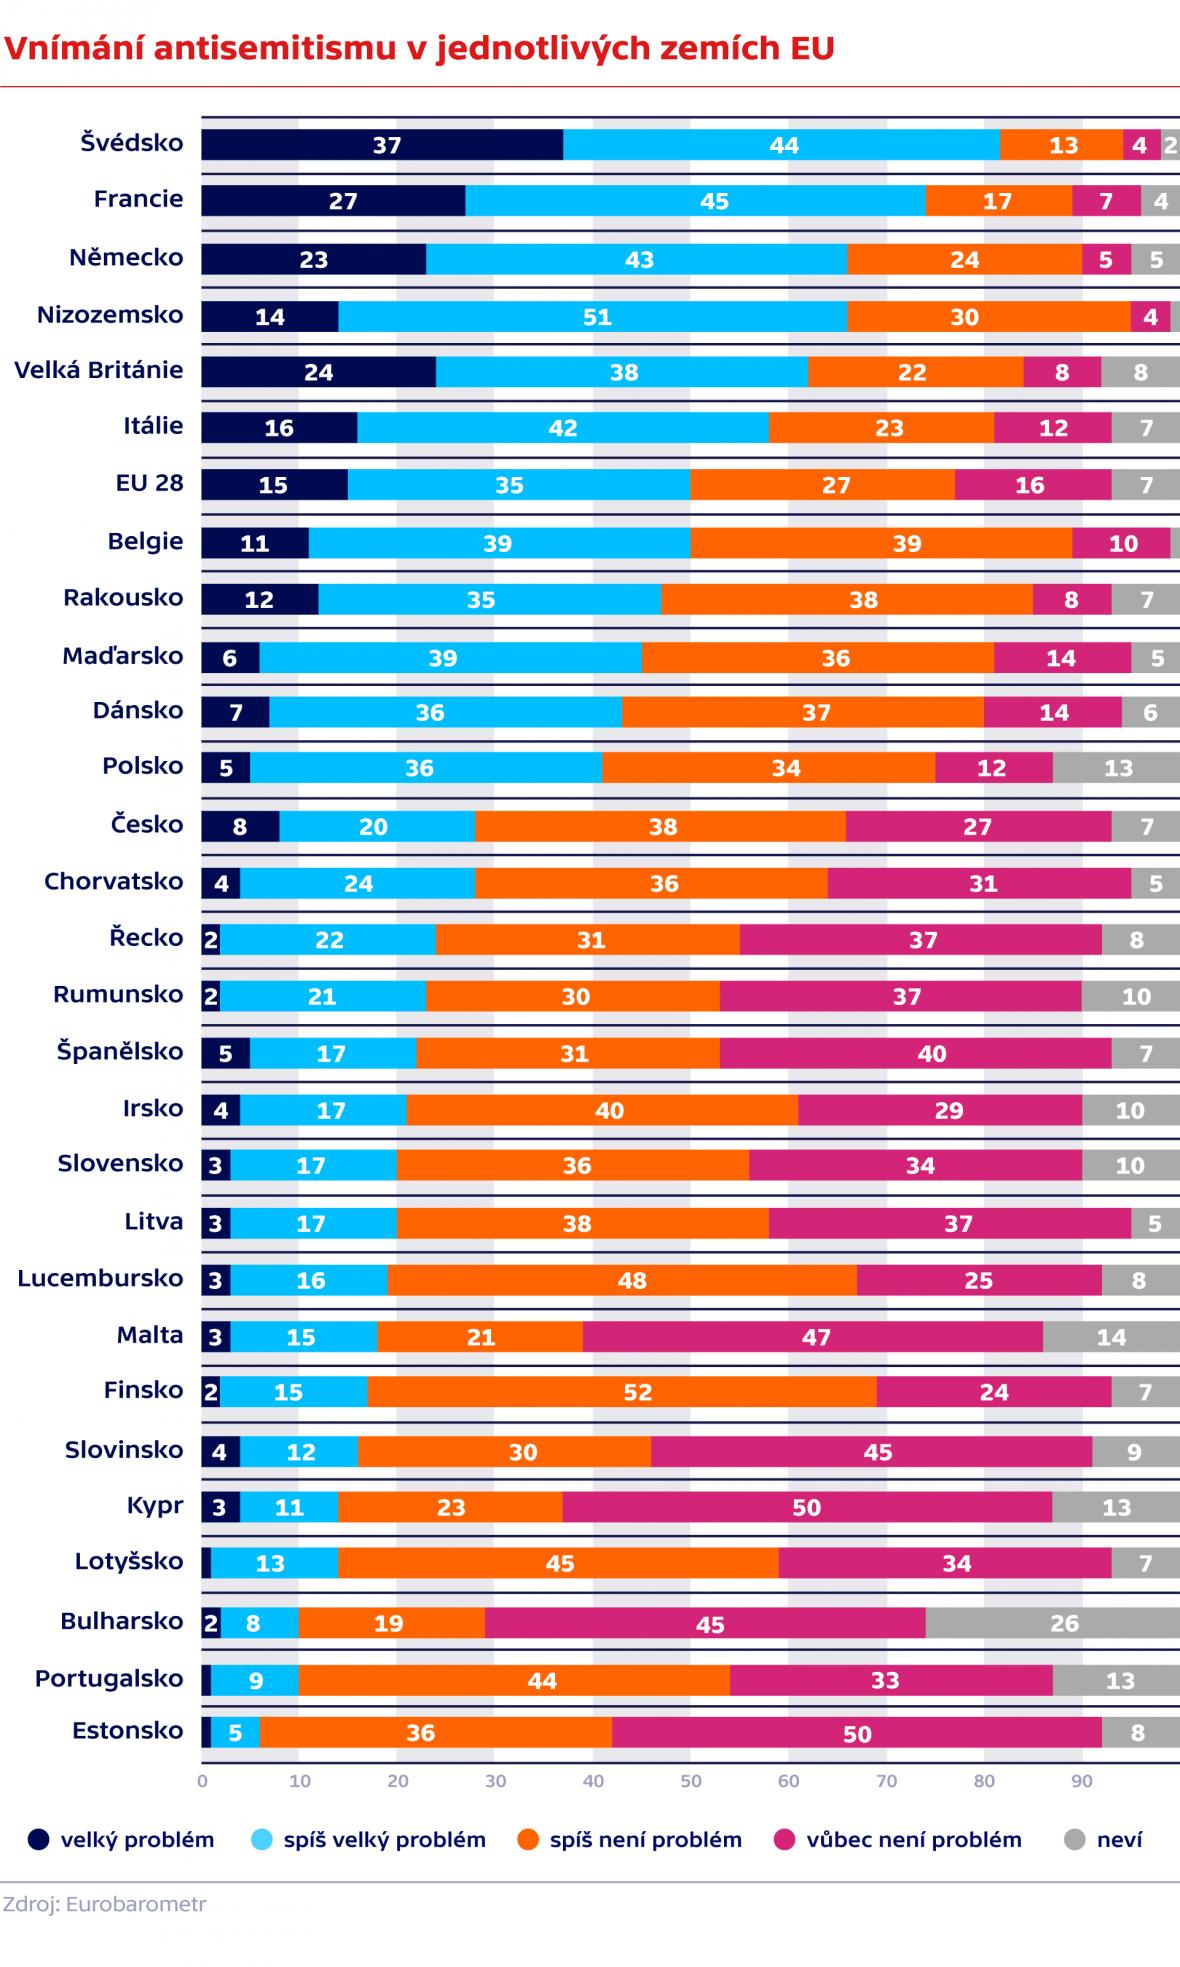 Vnímání antisemitismu v jednotlivých zemích EU